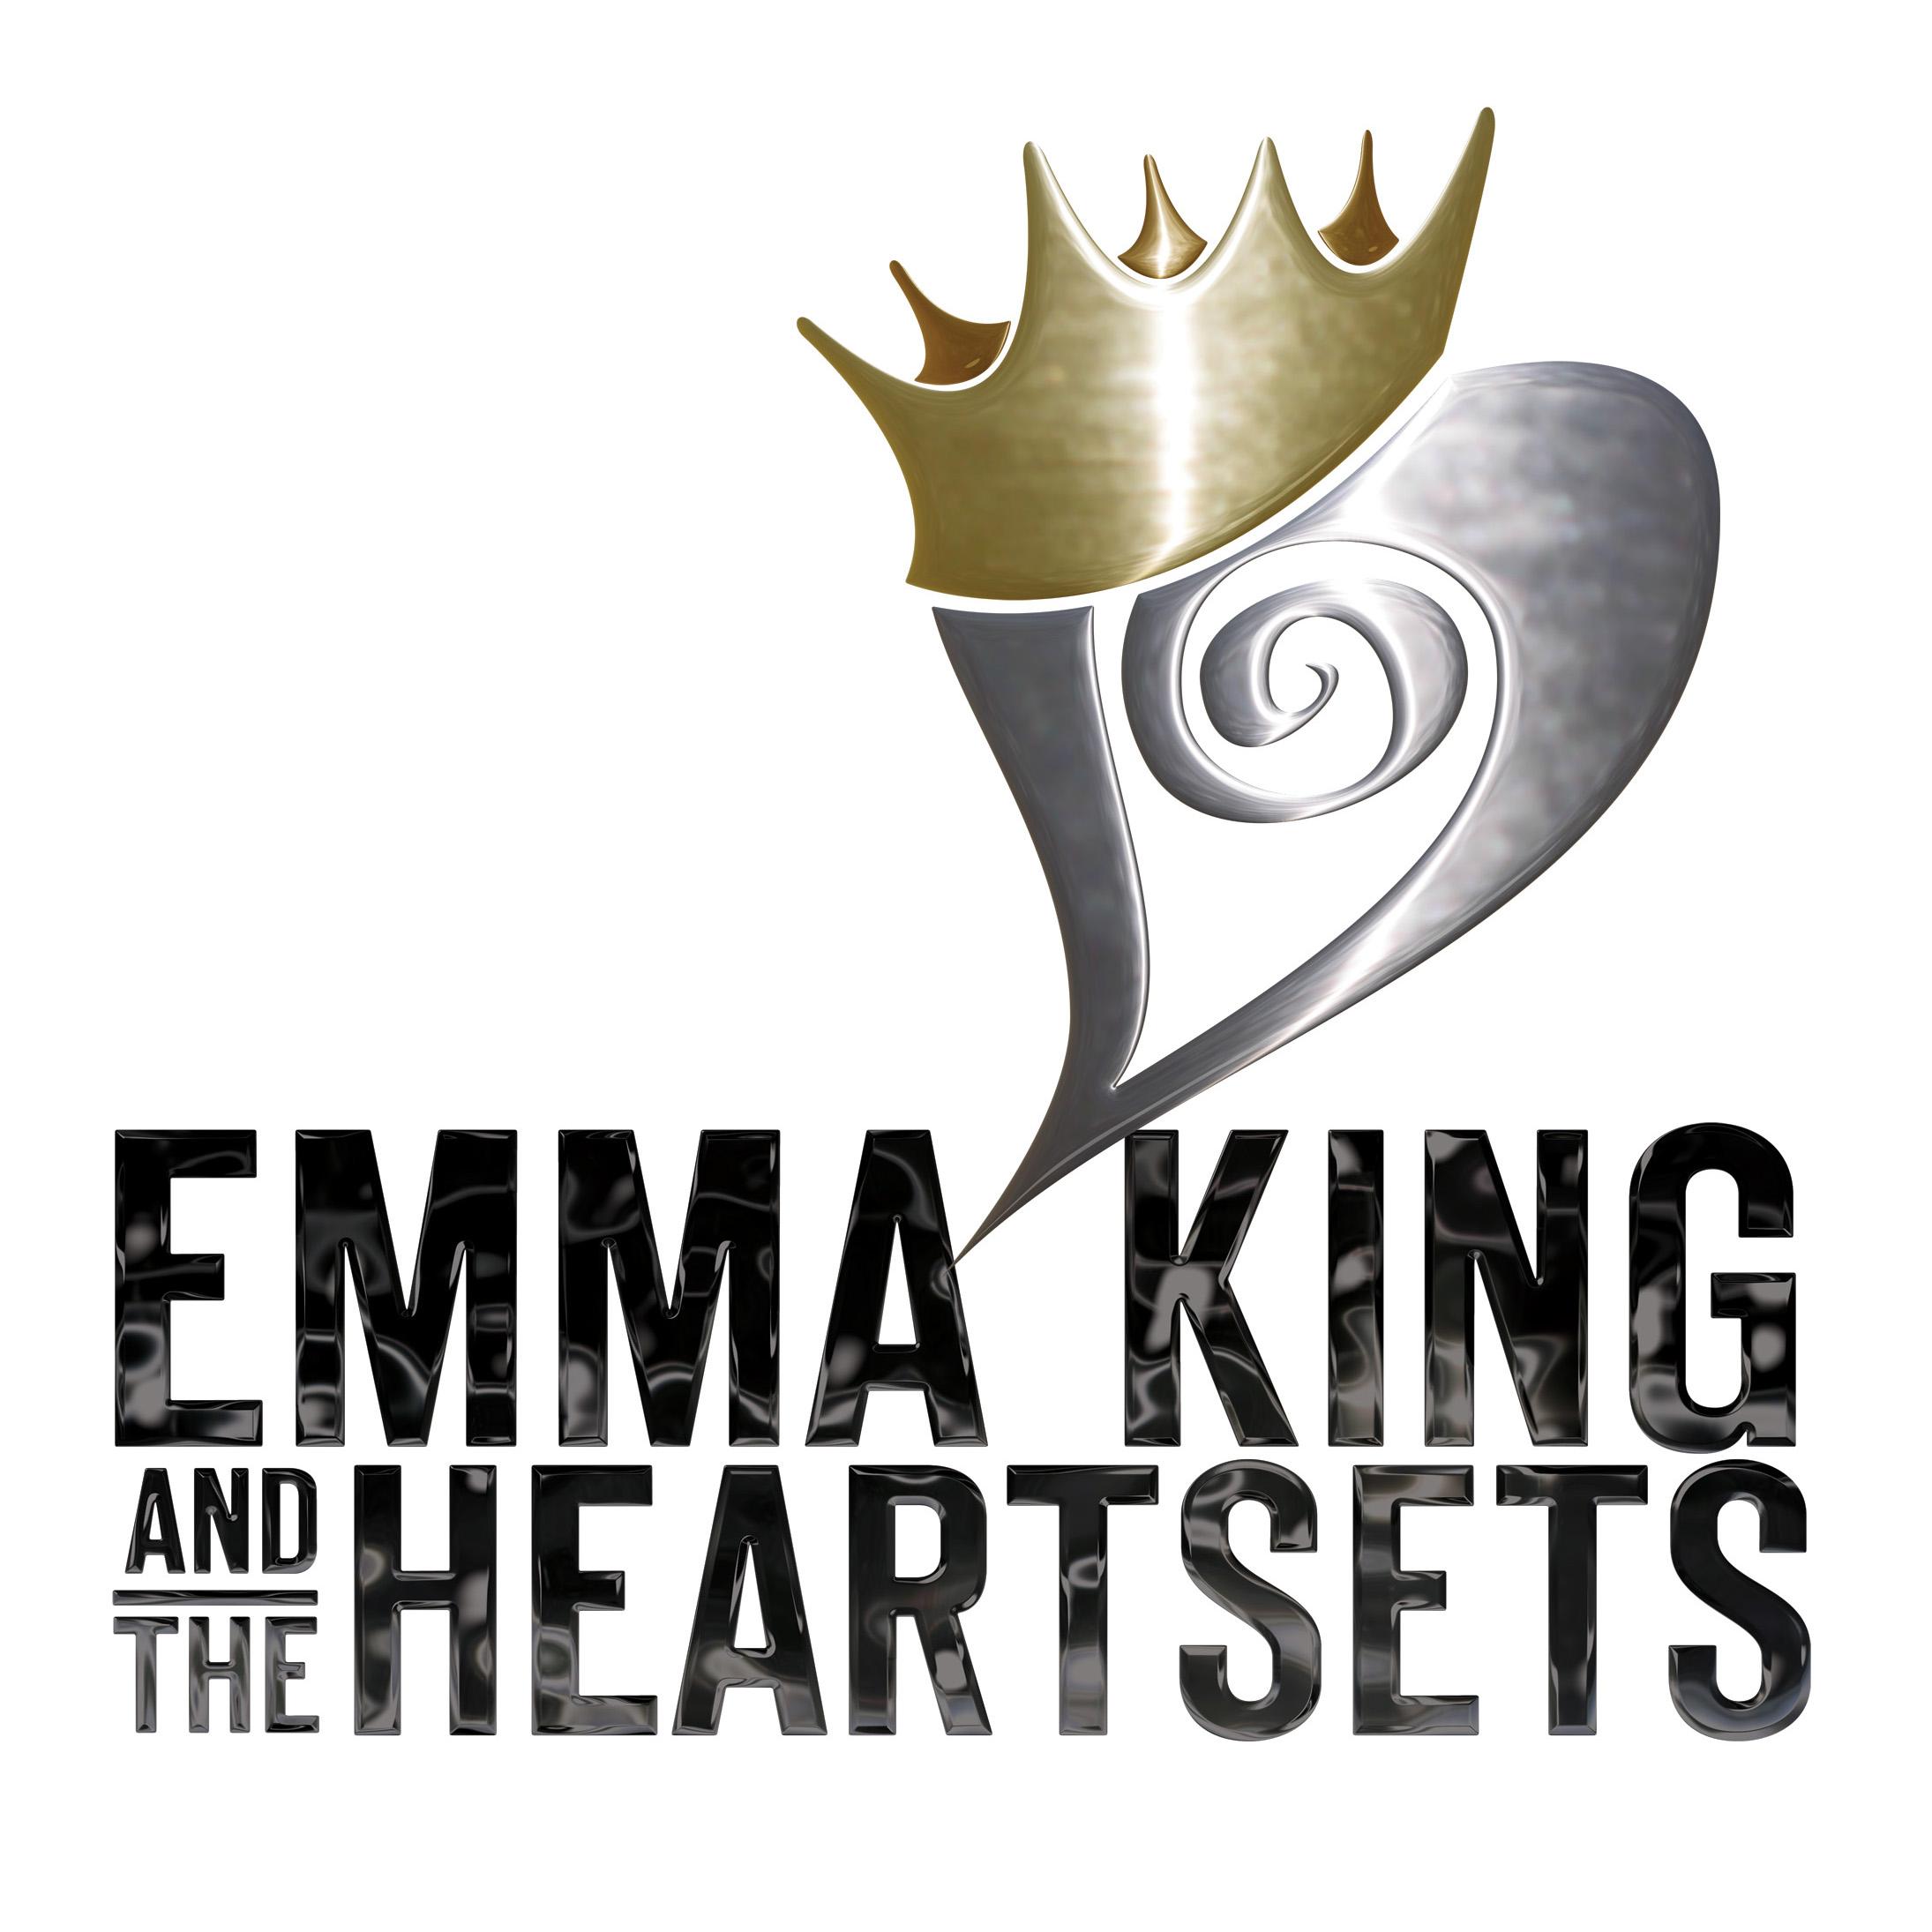 Emma lettering.jpg